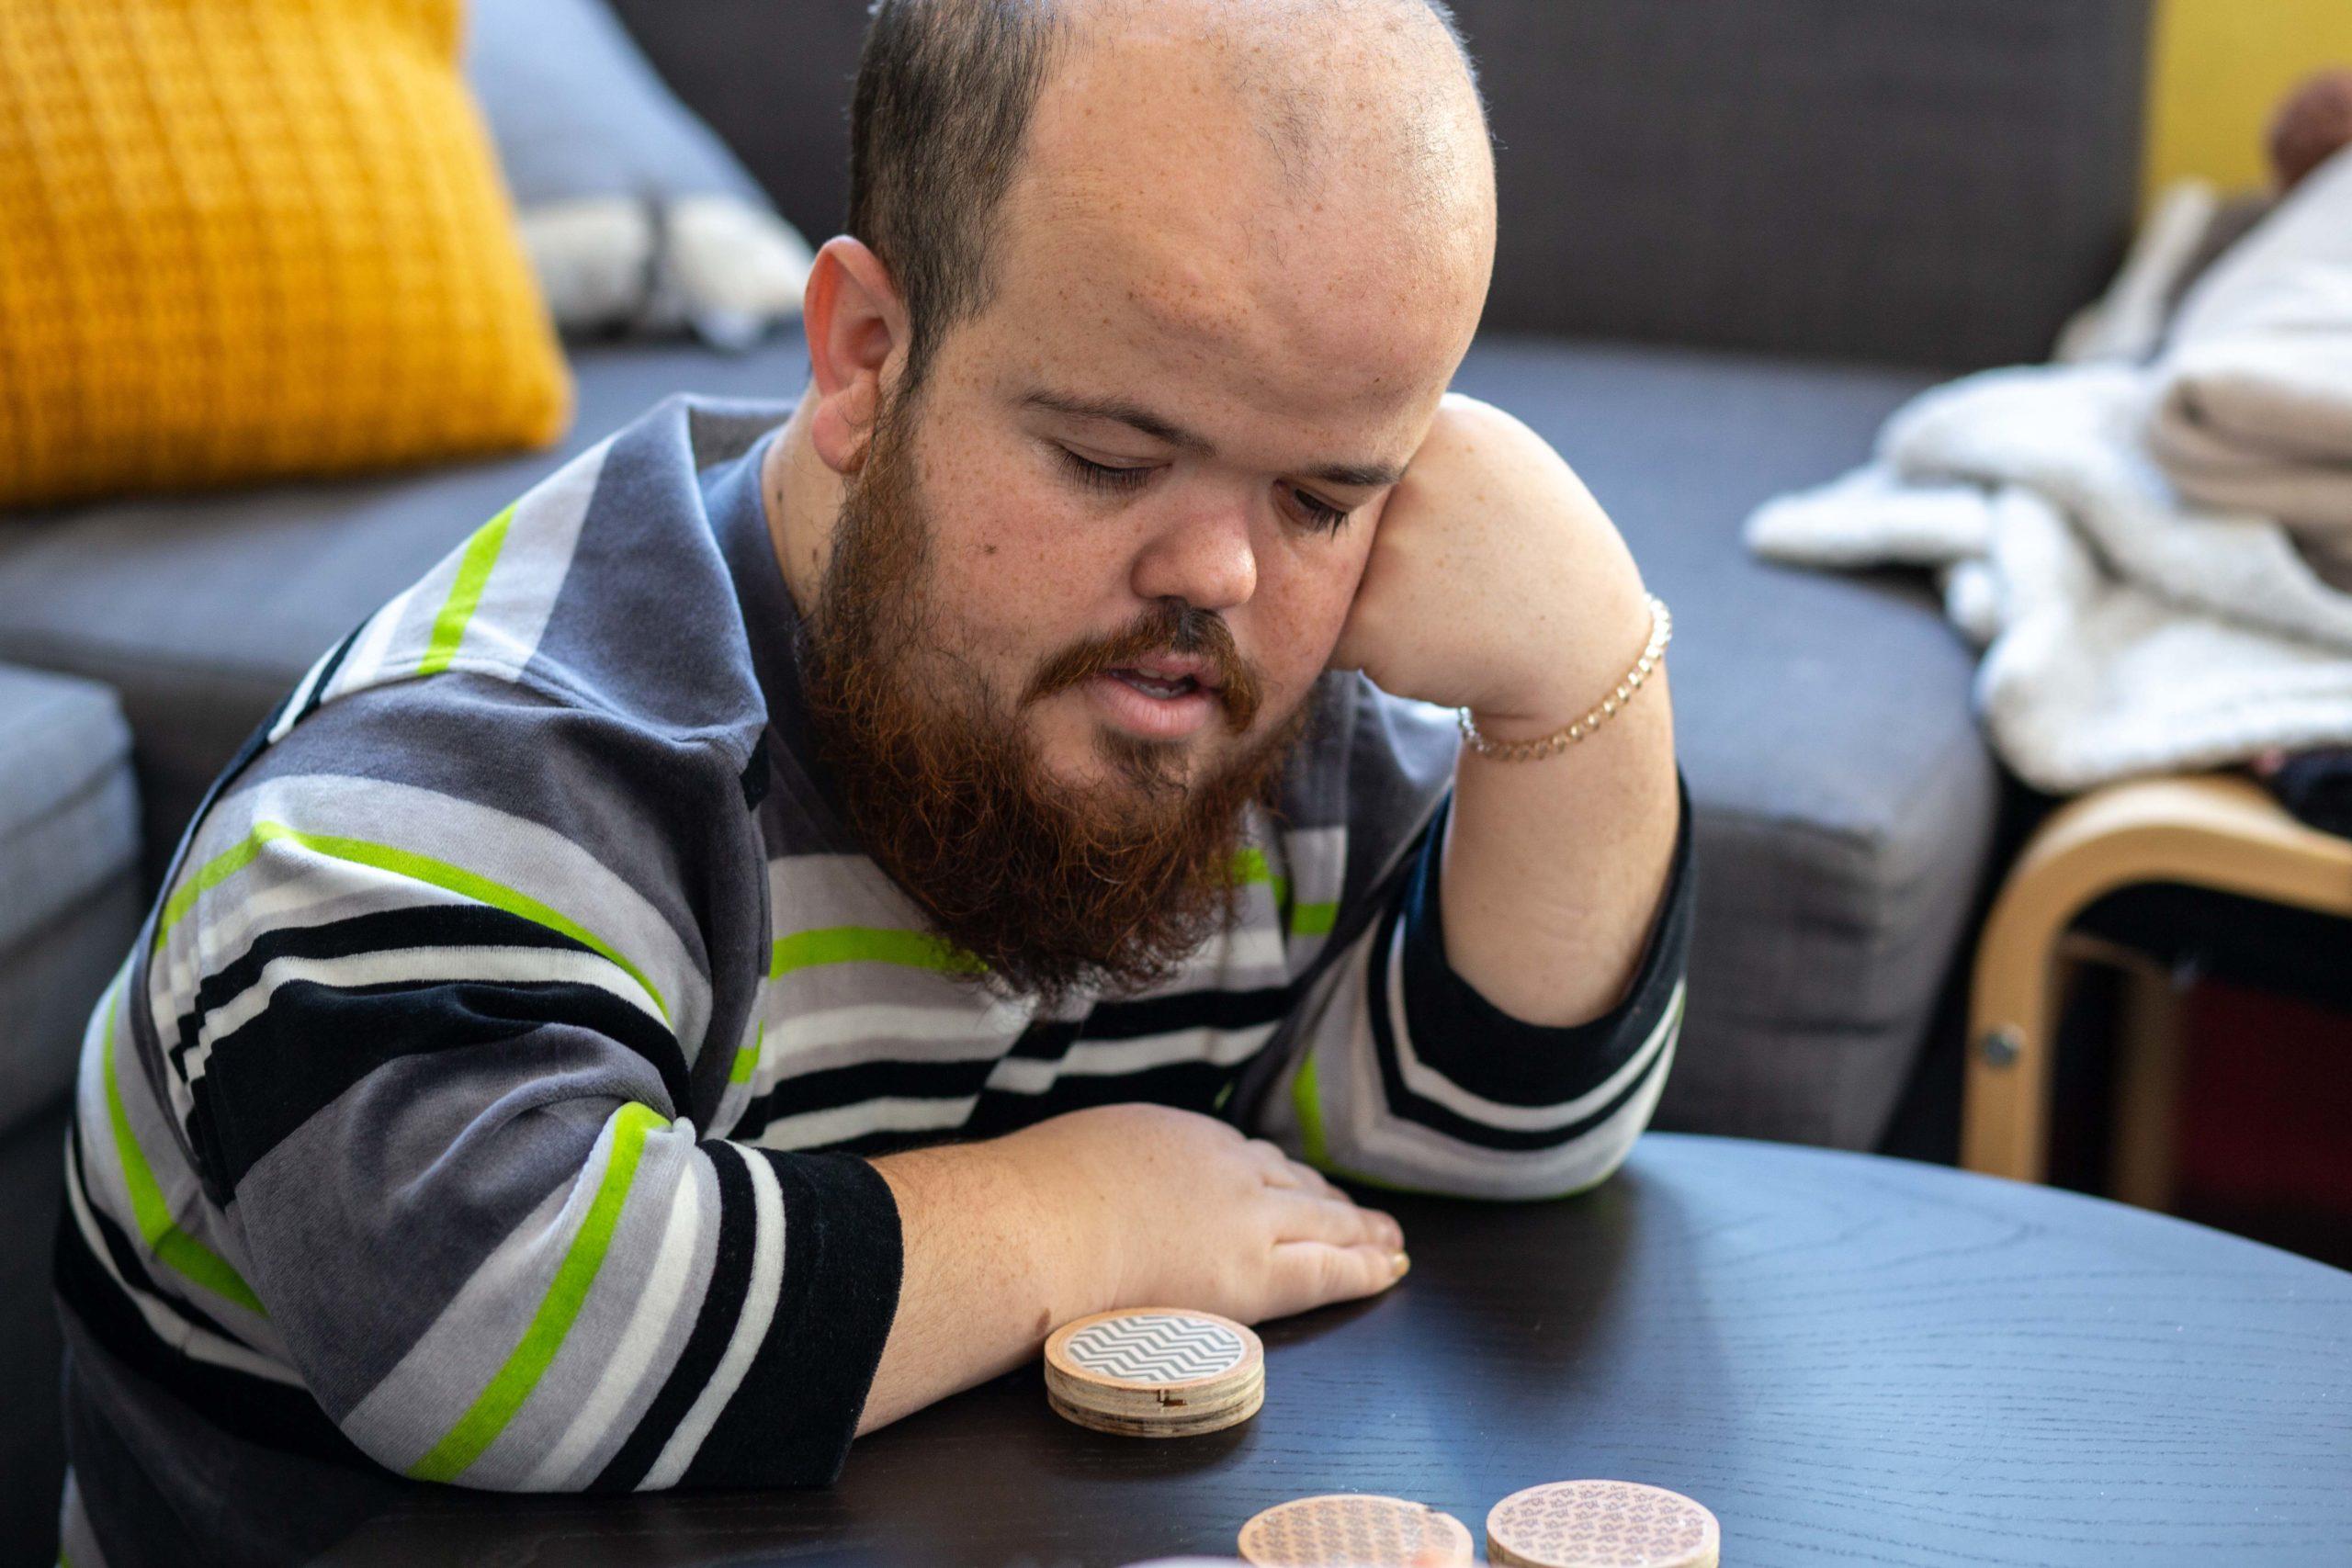 Un noi pensant mentre juga a un joc de taula al menjador